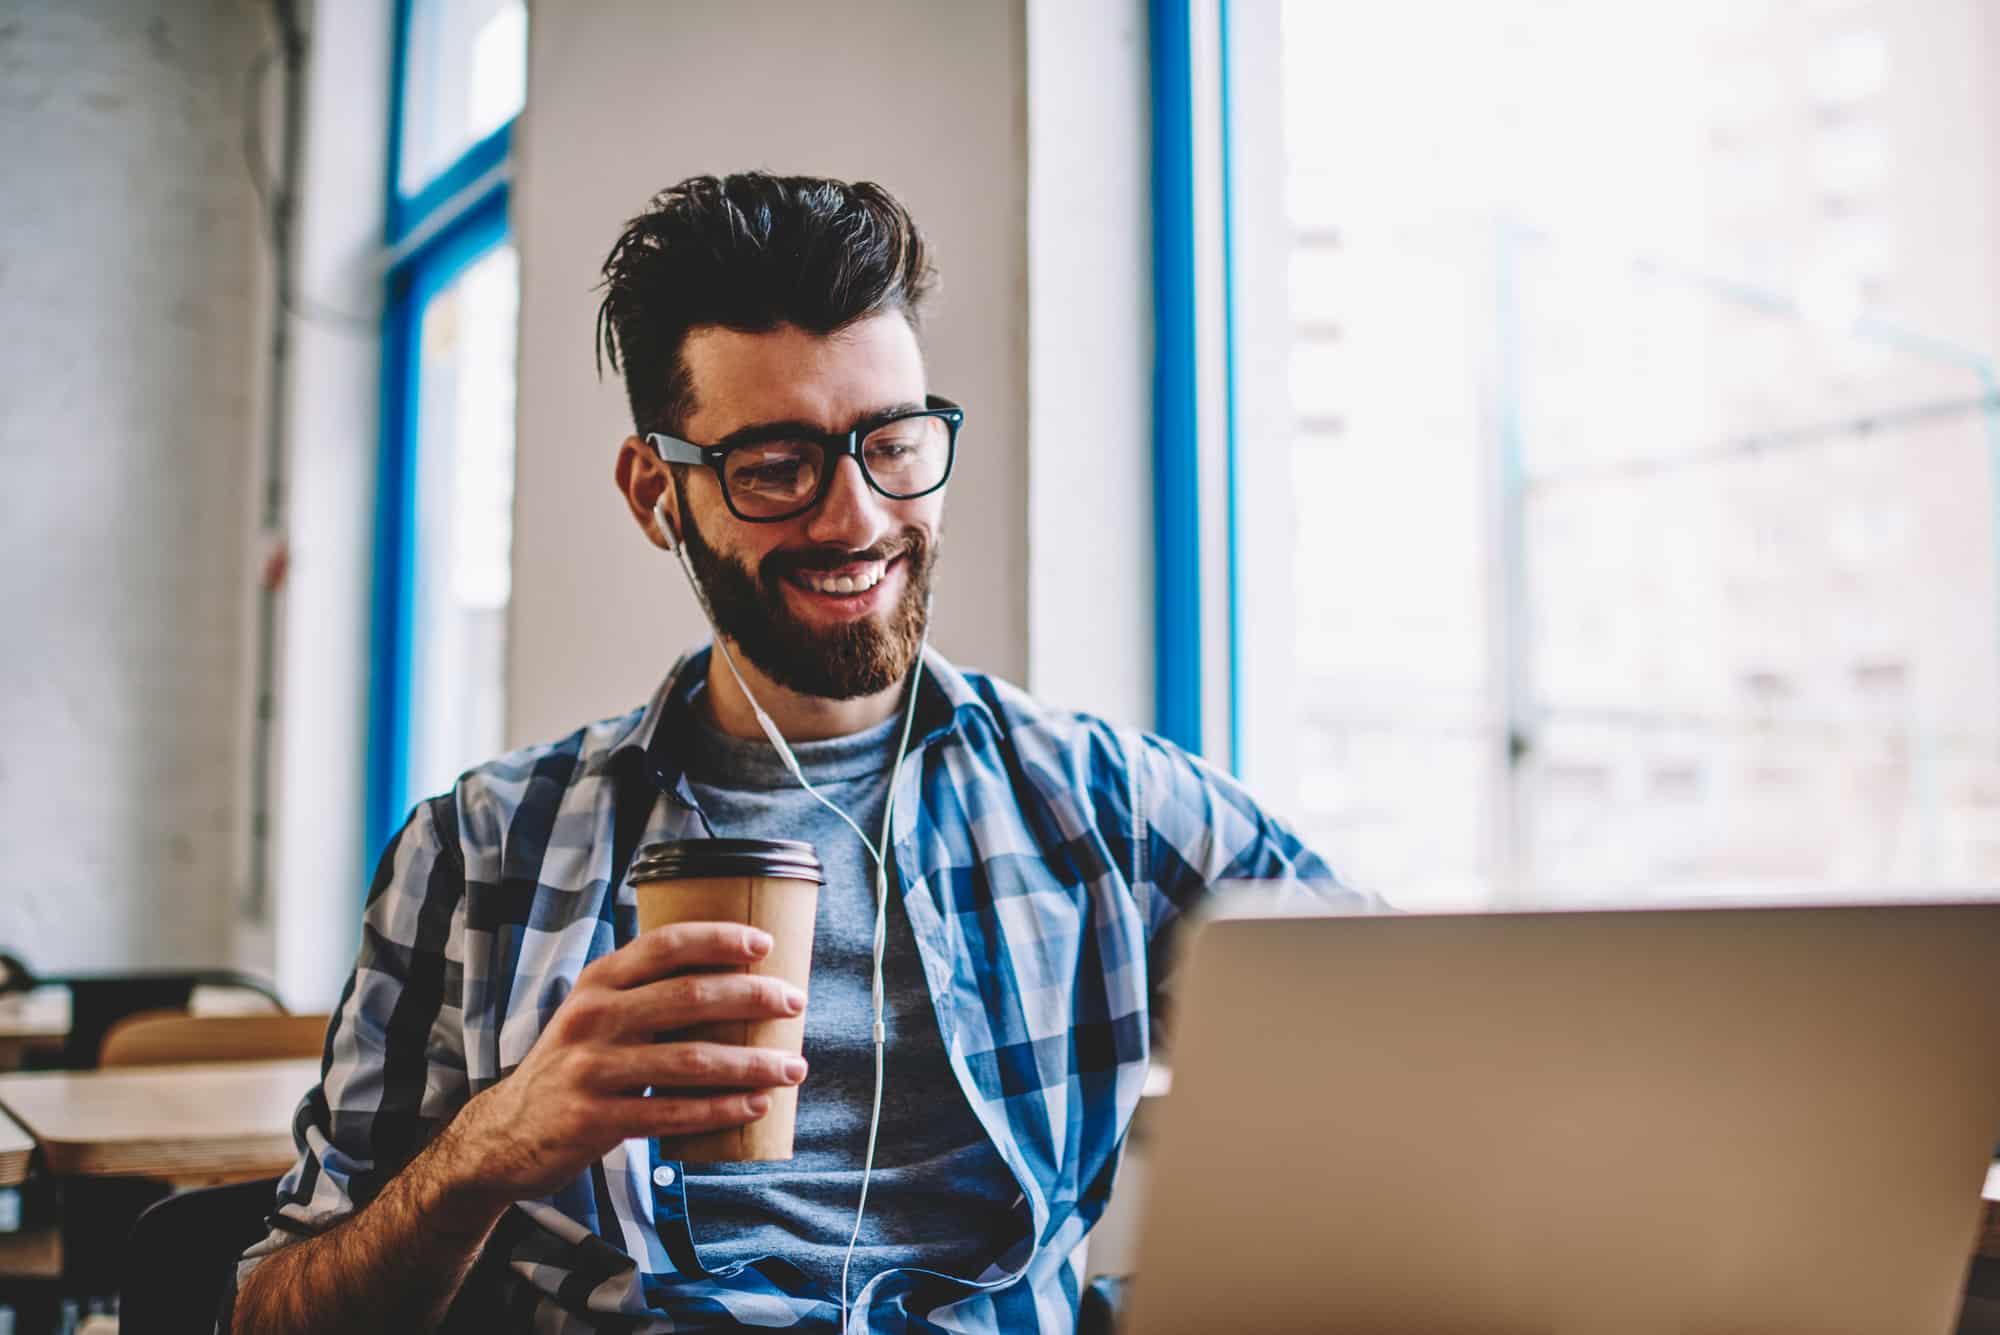 Online dating guys to avoid dating in botswana gaborone